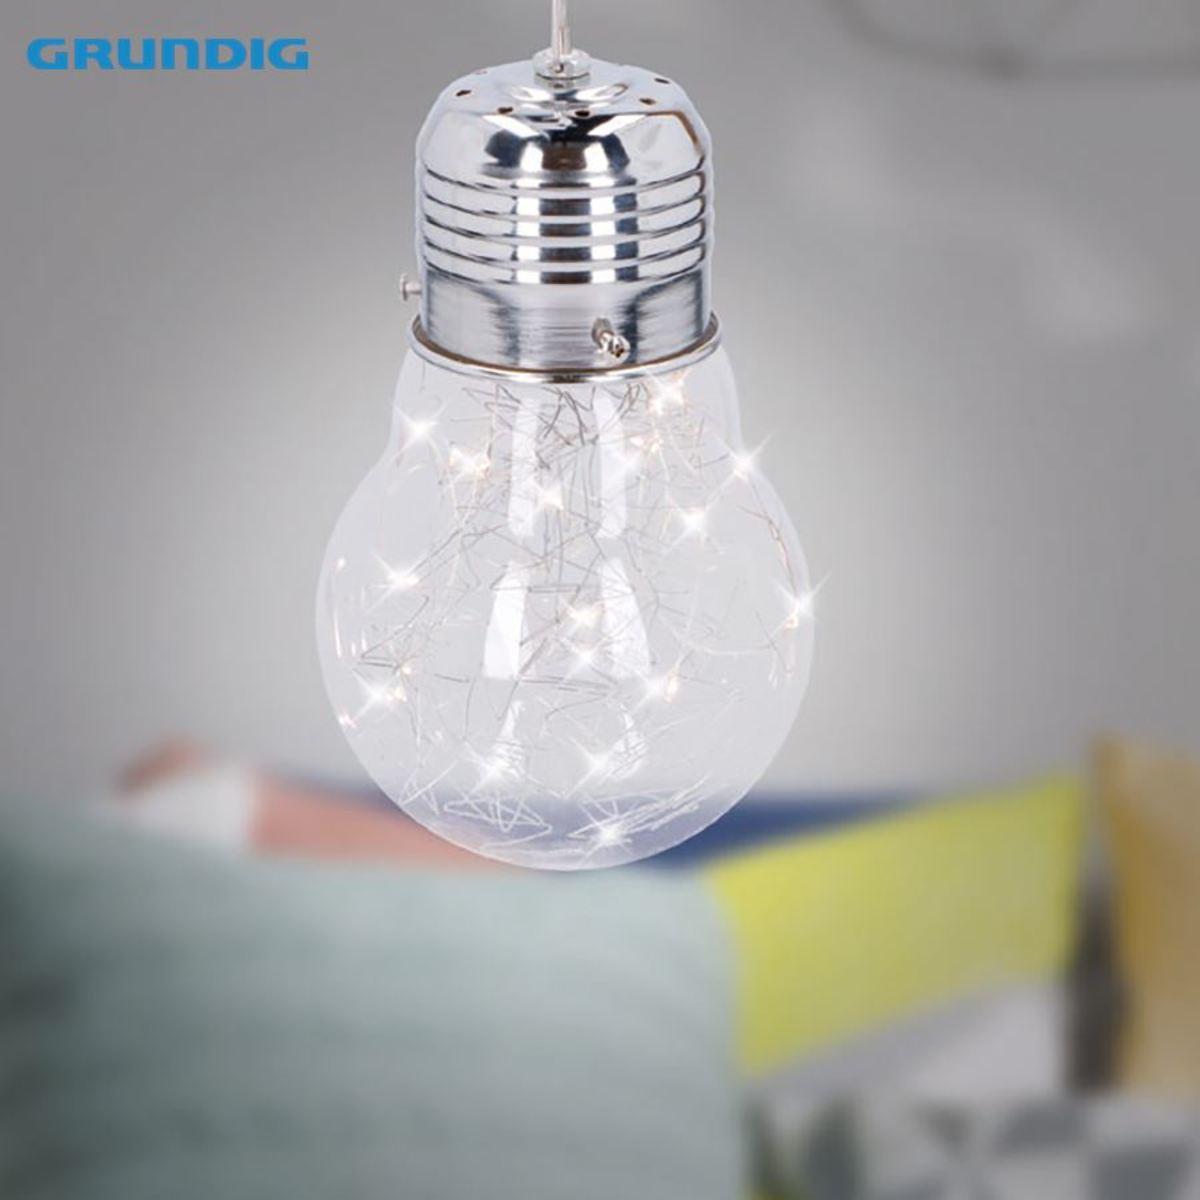 Bild 1 von Grundig Deko-Glühlampe